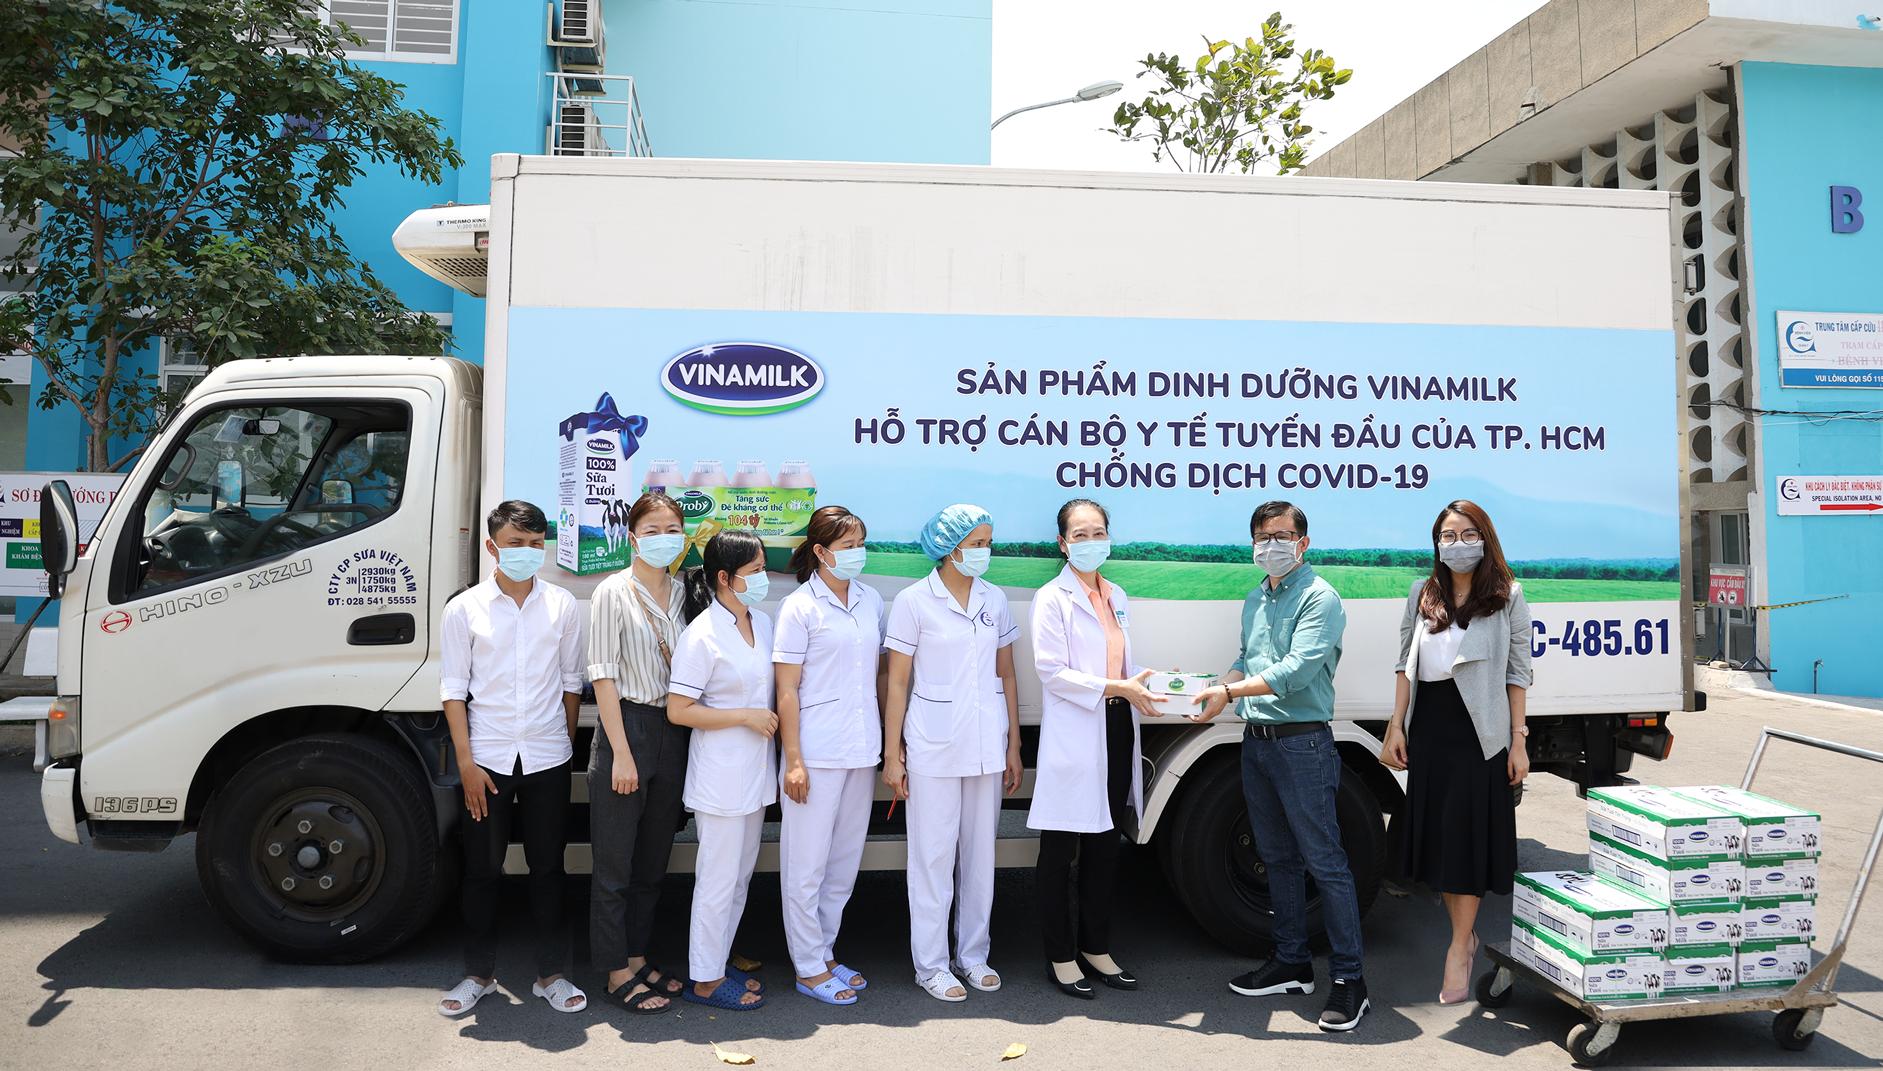 Vinamilk dẫn đầu top 10 thương hiệu mạnh nhất Việt Nam - Ảnh 2.